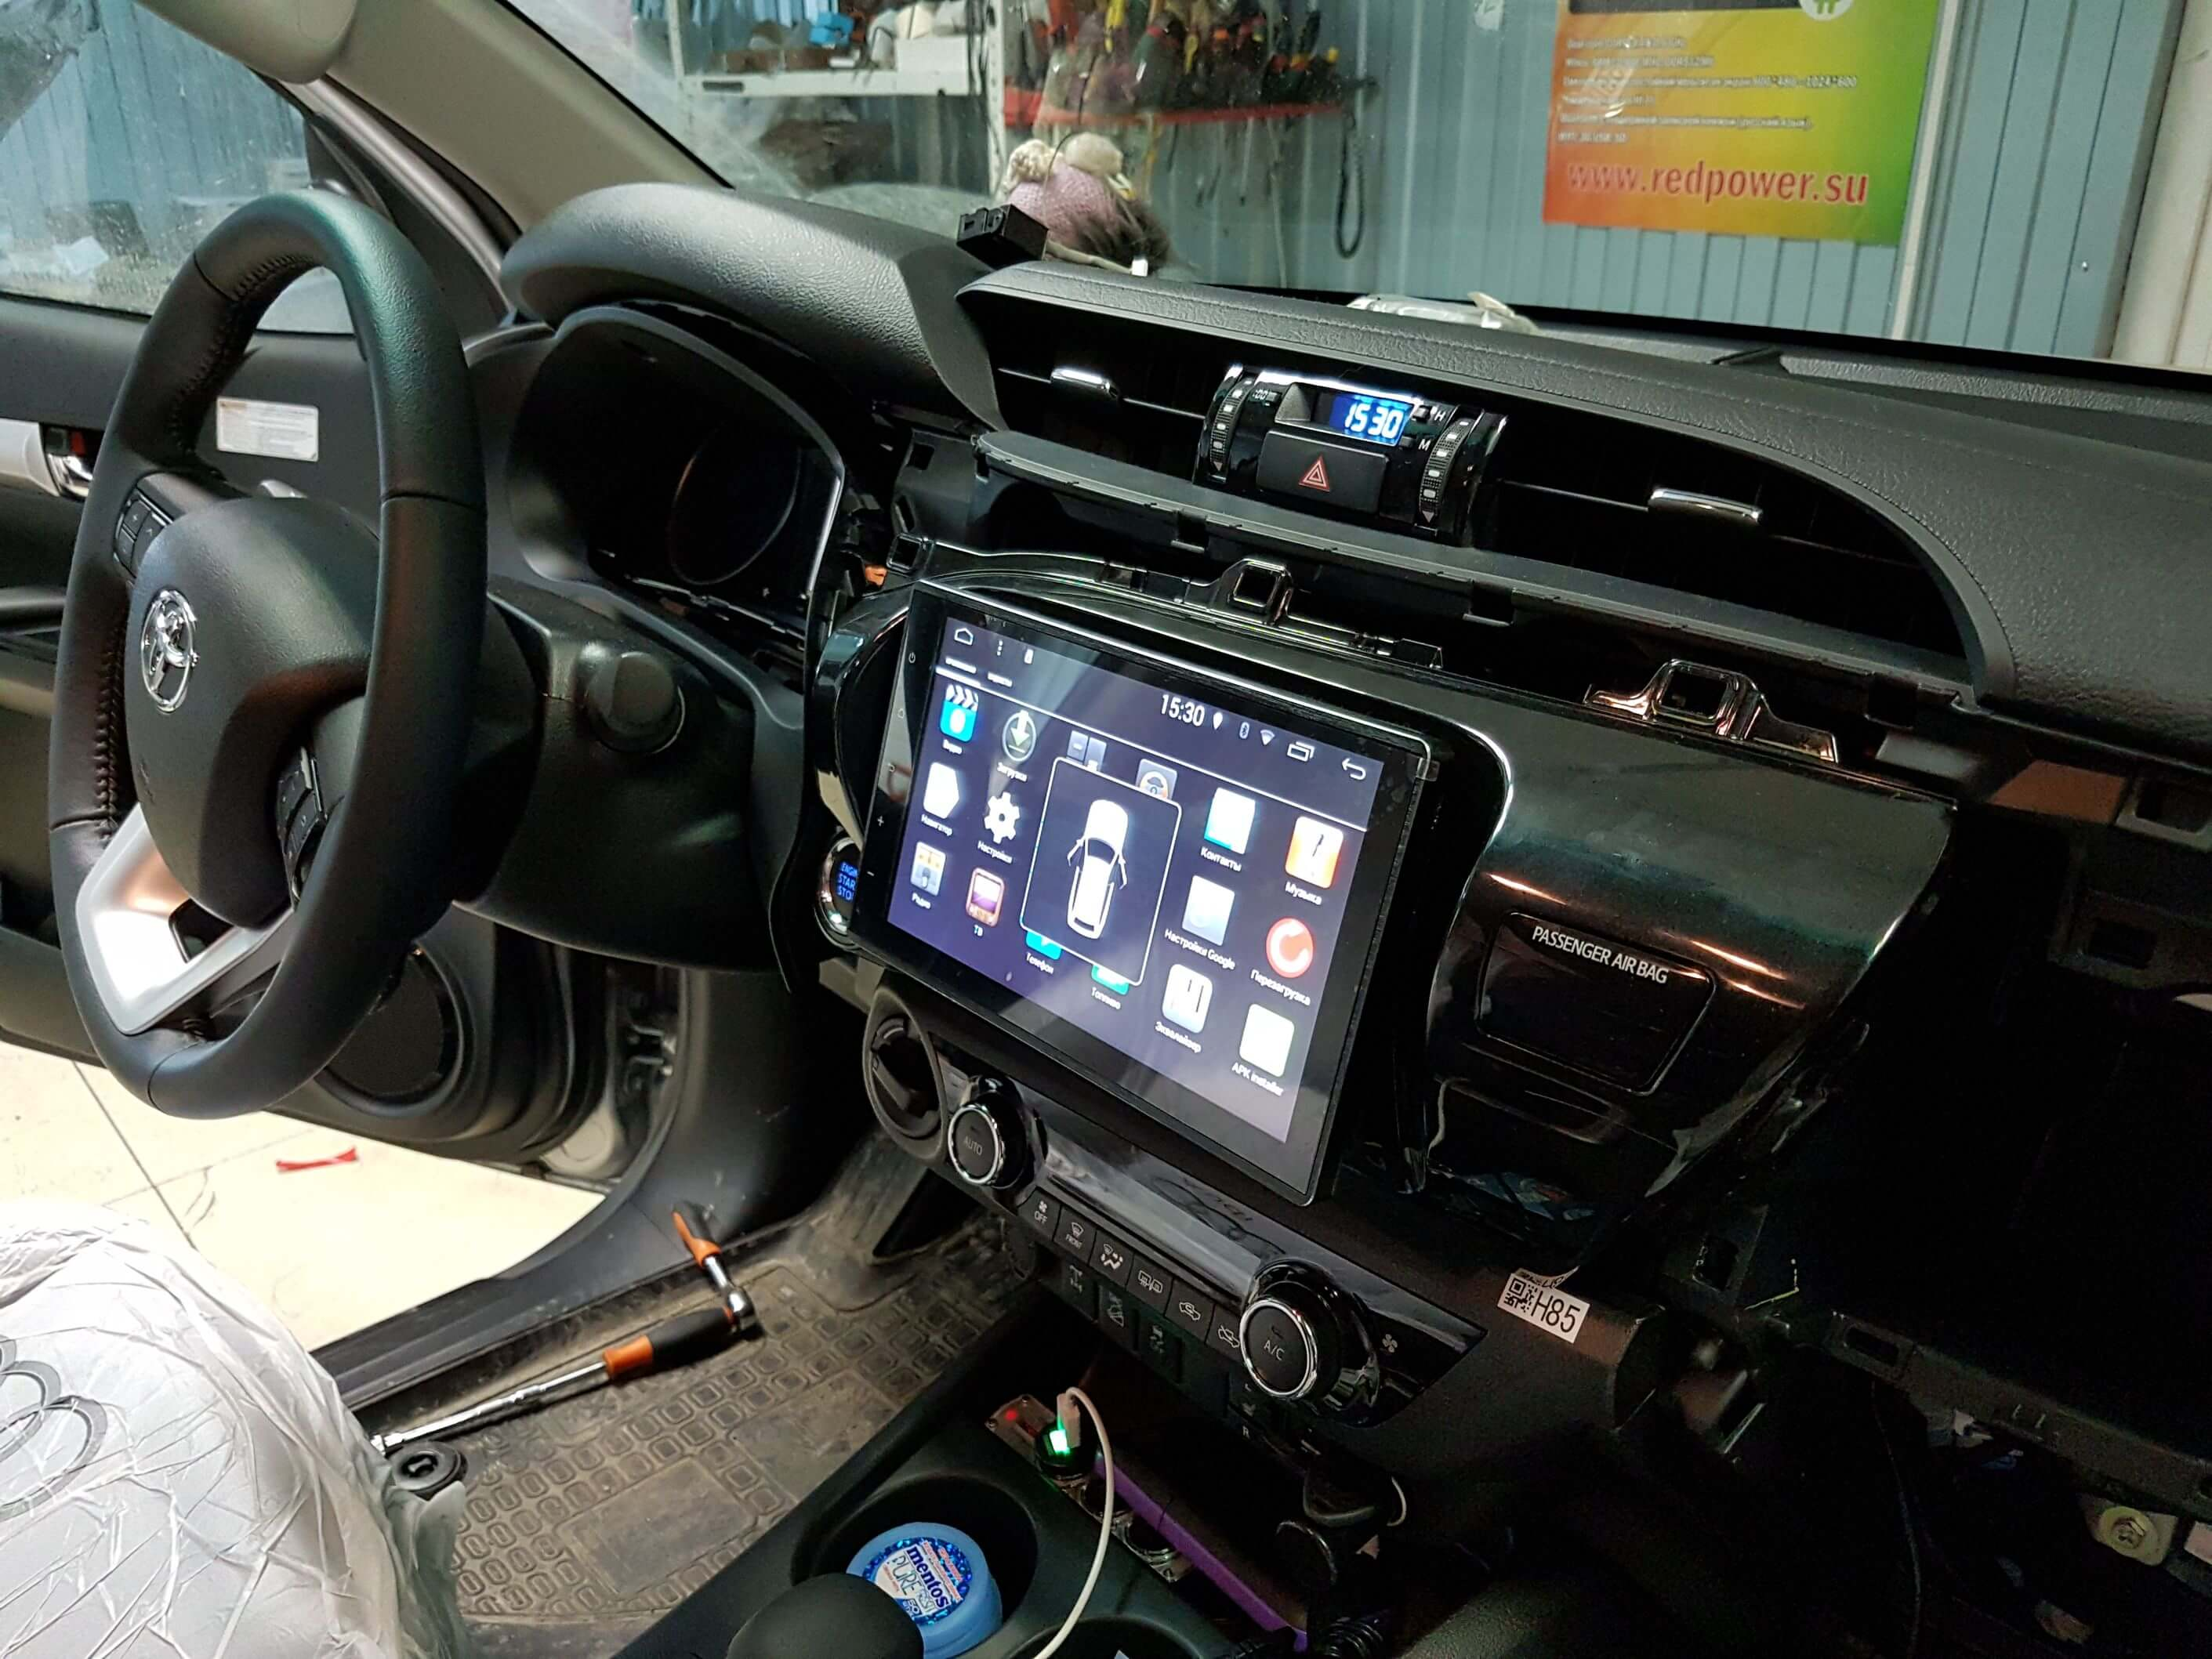 Штатное головное устройство Toyota Hilux, Fortuner автомагнитола Redpower 31186 IPS